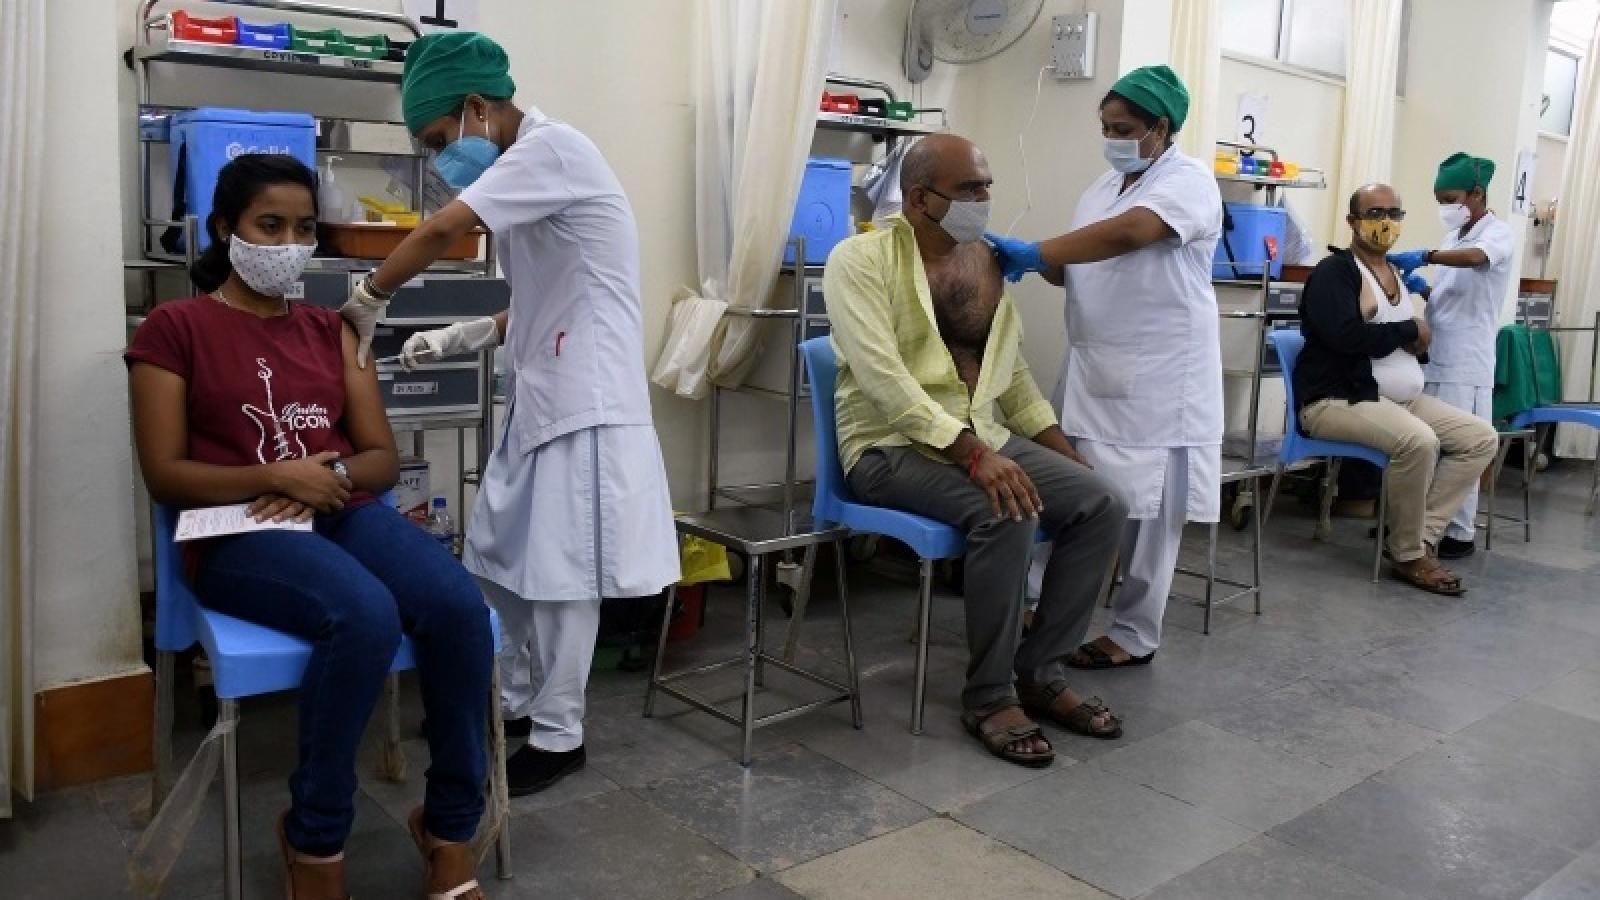 Ấn Độ chưa vội cấp phép vaccine Covid-19 cho trẻ em